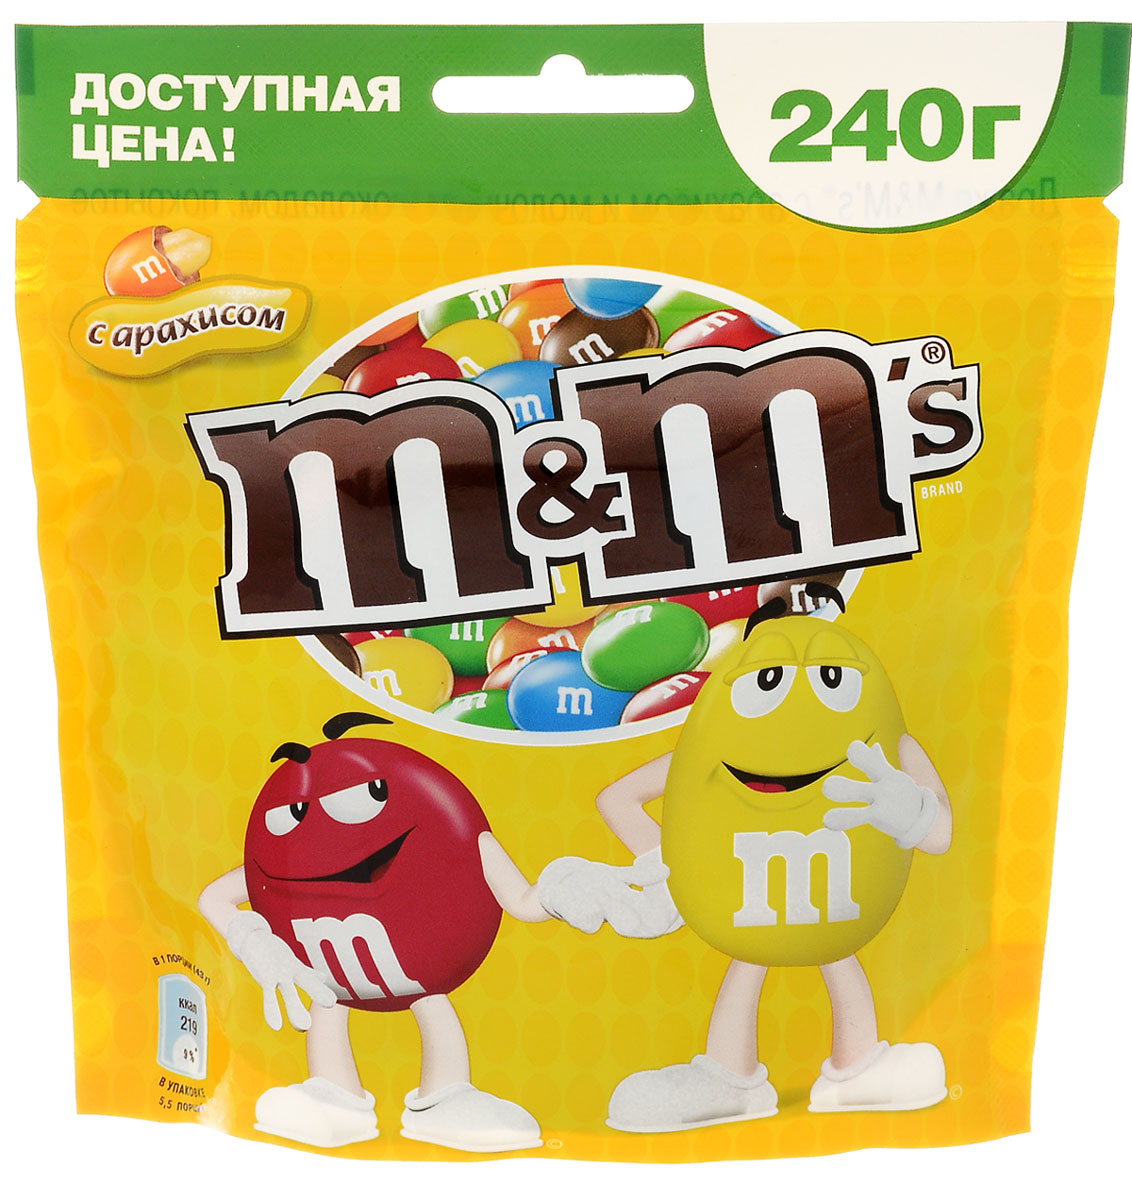 M&Ms Драже с арахисом и молочным шоколадом, 240 г5060295130016Драже с арахисом и молочным шоколадом, покрытое хрустящей разноцветной глазурью M&Ms - это больше веселых моментов для тебя и твоих друзей! Разноцветные драже можносъесть самому или разделить с друзьями. В любом случае, вкус отличного молочного шоколада и арахиса подарит вам удовольствие и радость.Уважаемые клиенты! Обращаем ваше внимание, что полный перечень состава продукта представлен на дополнительном изображении.Уважаемые клиенты! Обращаем ваше внимание на возможные изменения в дизайне упаковки. Качественные характеристики товара остаются неизменными. Поставка осуществляется в зависимости от наличия на складе.